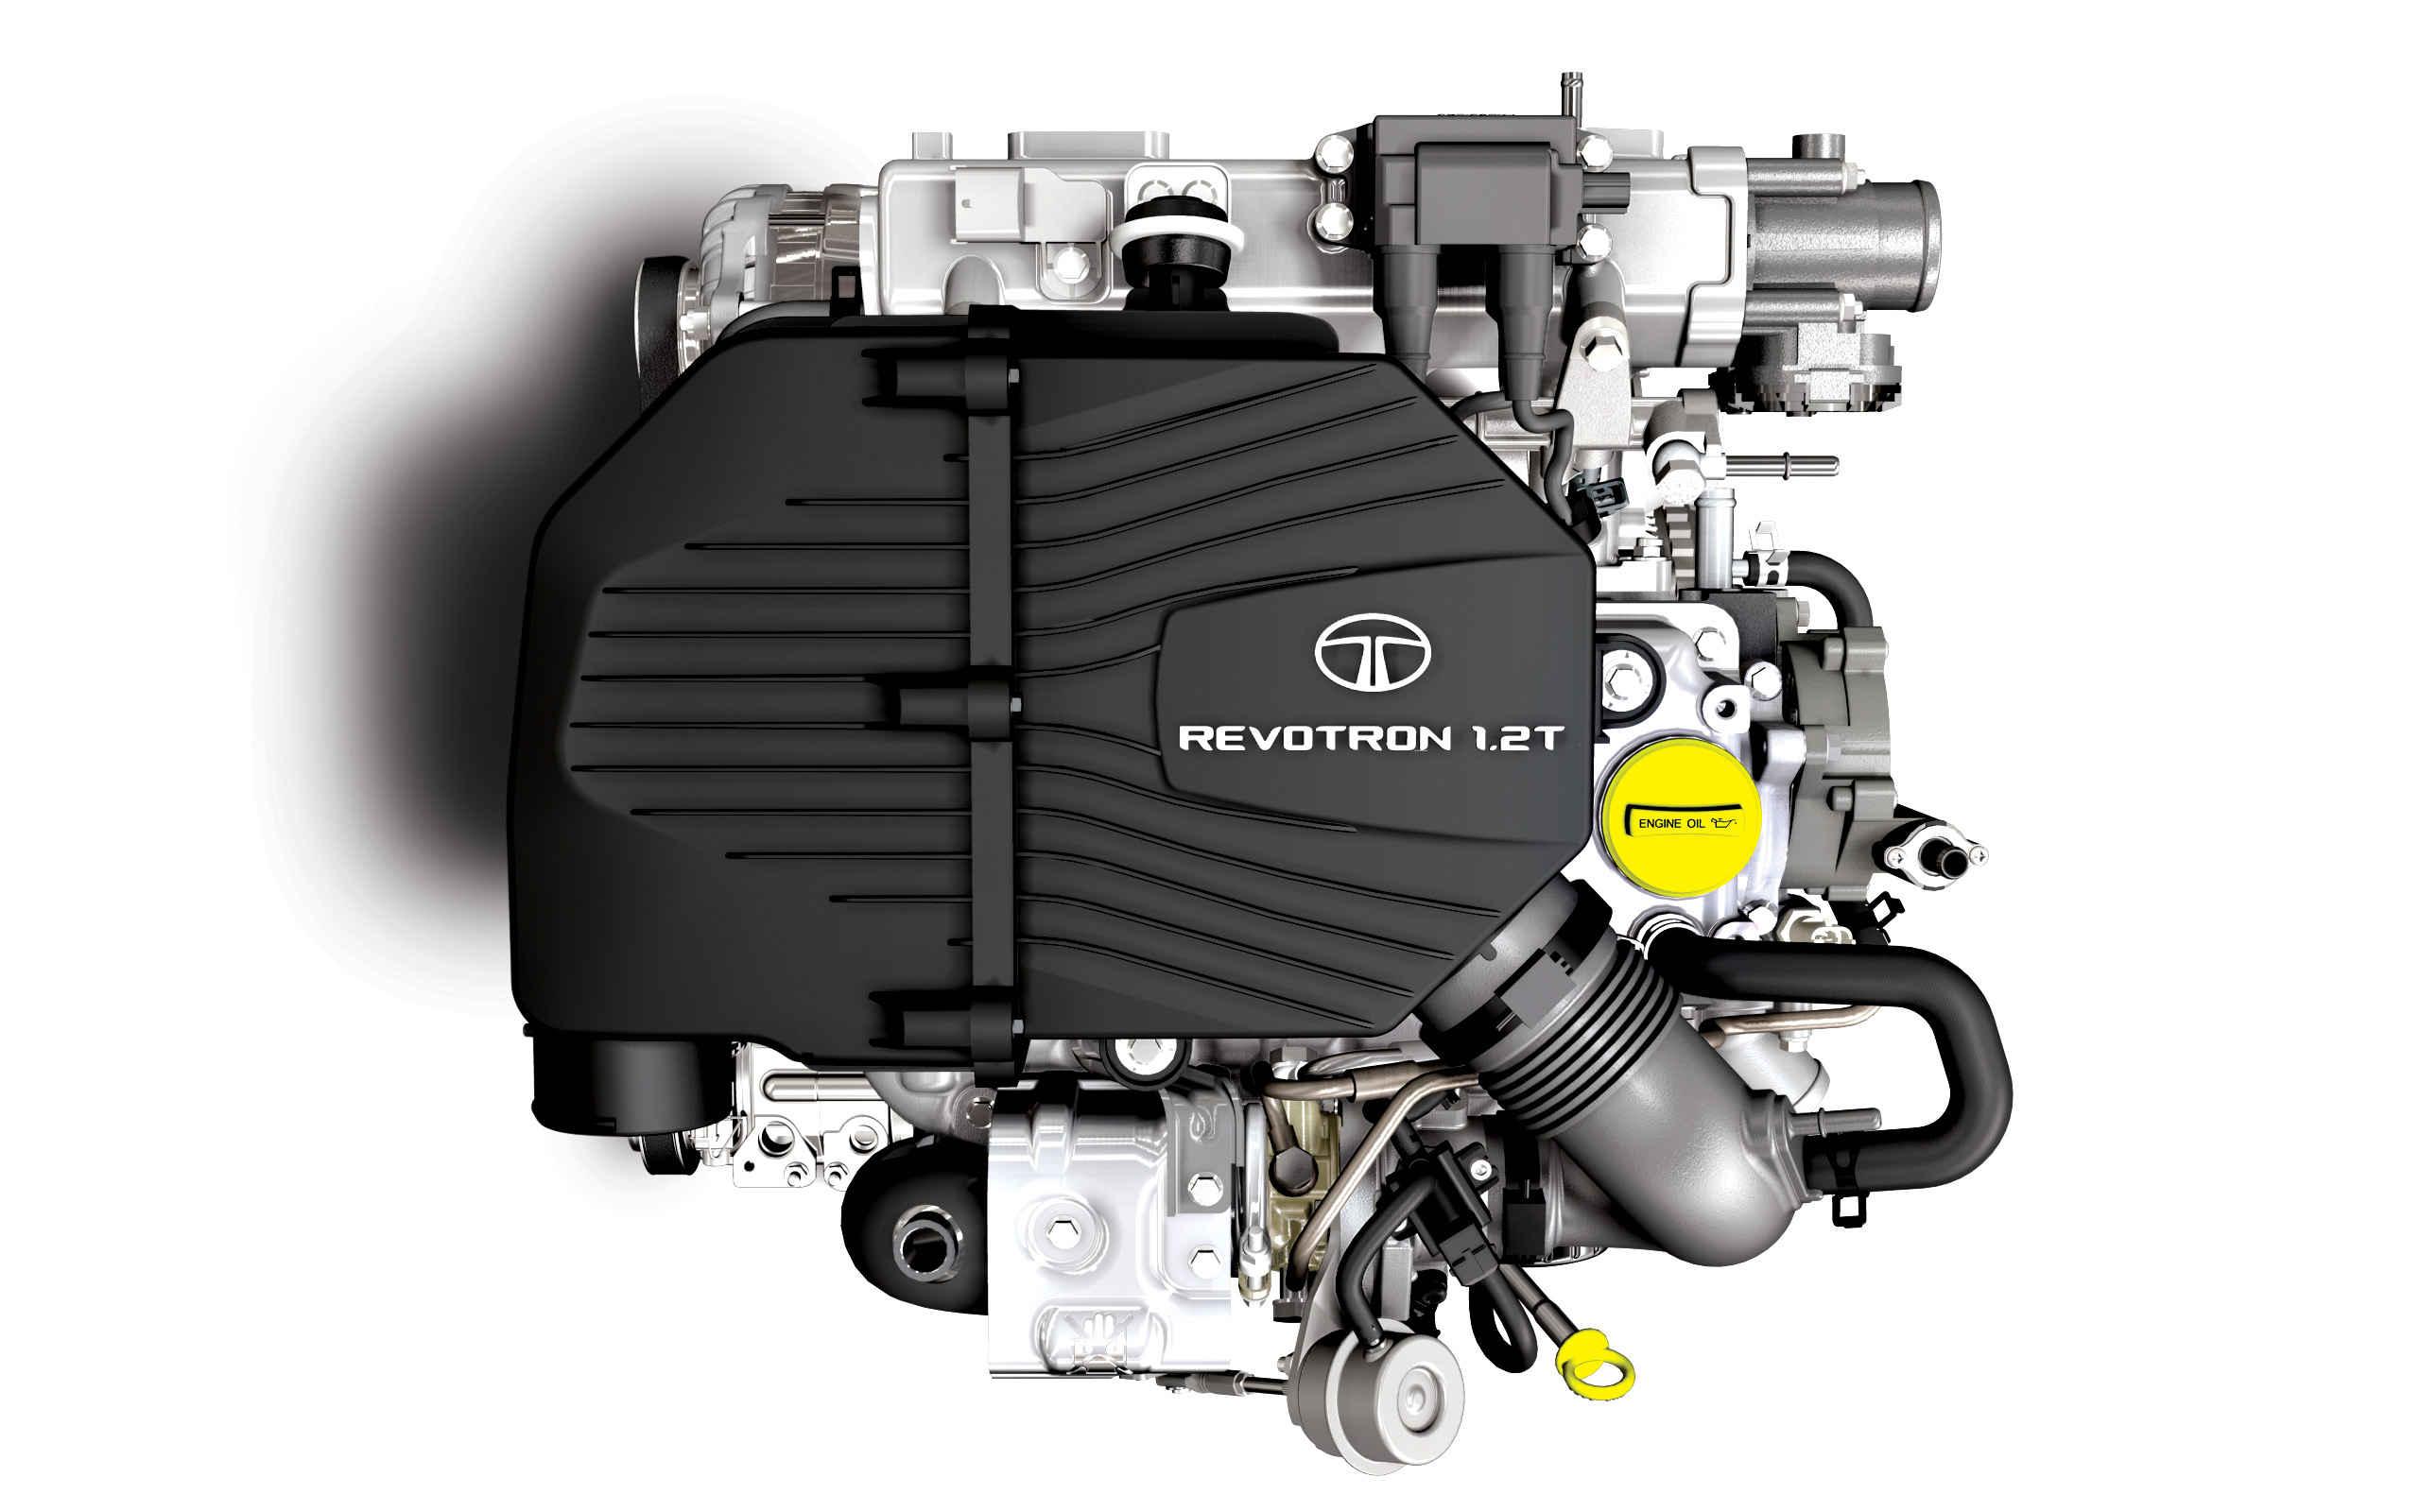 Revotron 1.2 Litre Petrol Engine